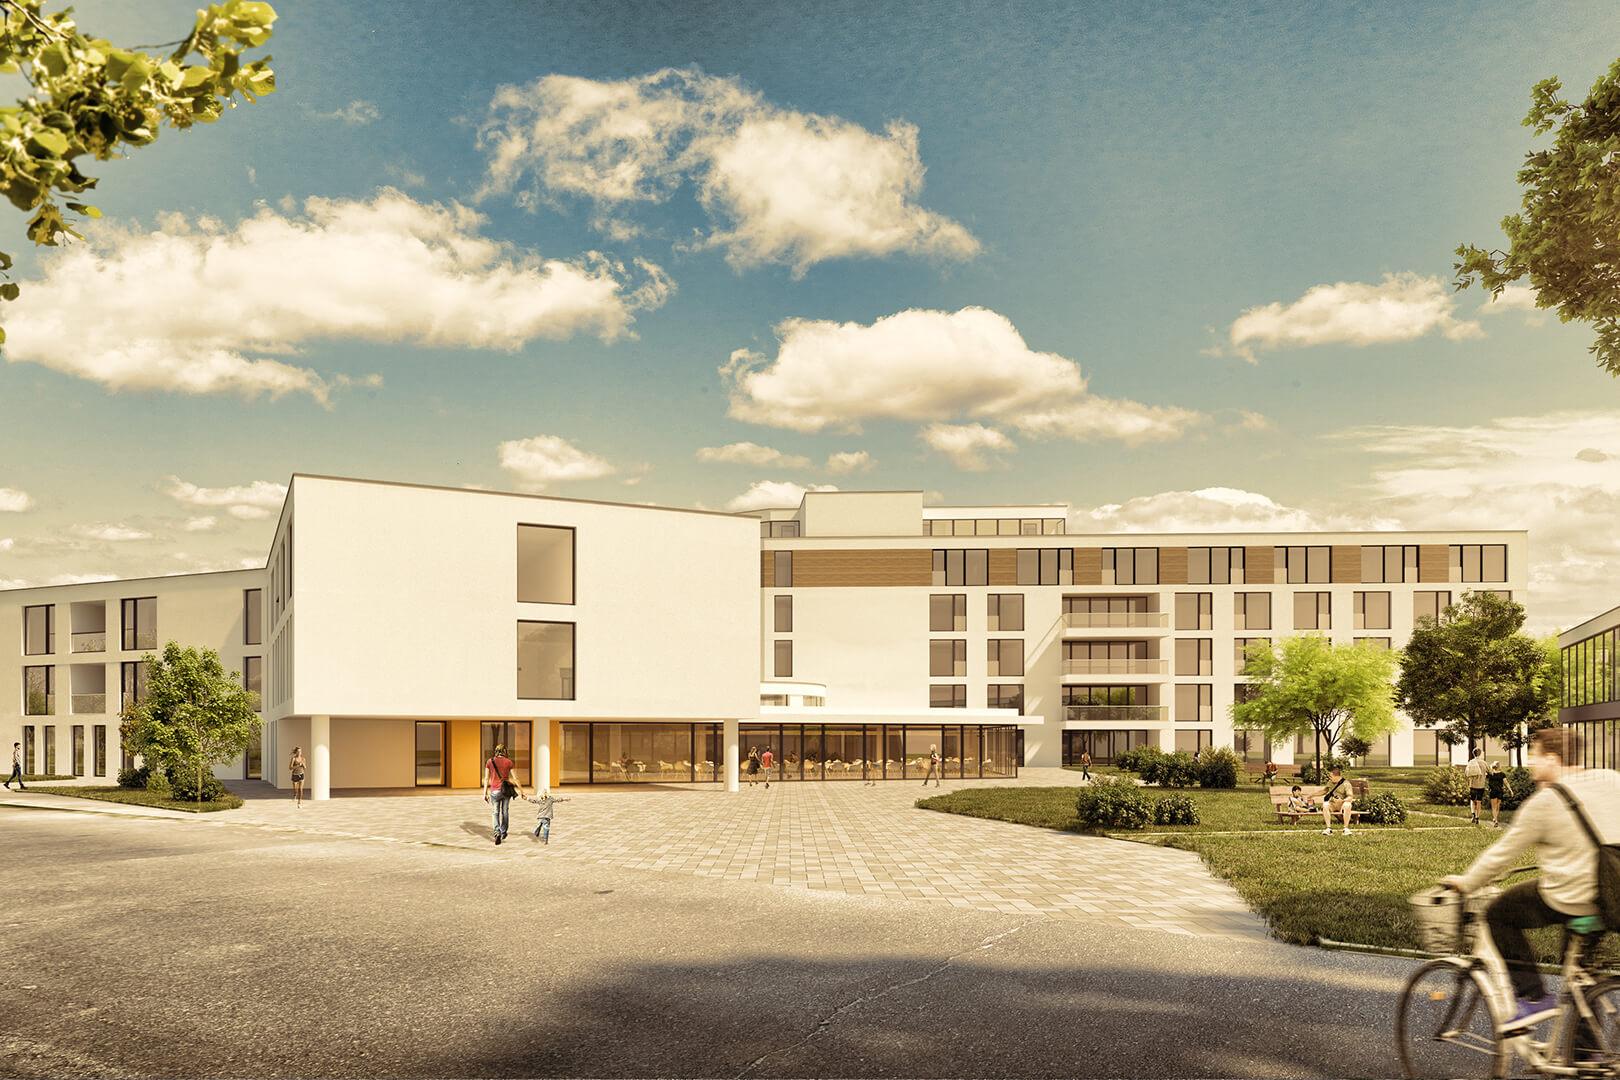 Aufforderung zur Teilnahme am Wettbewerb für ein Pflegezentrum in Rosenheim, 2. Platz